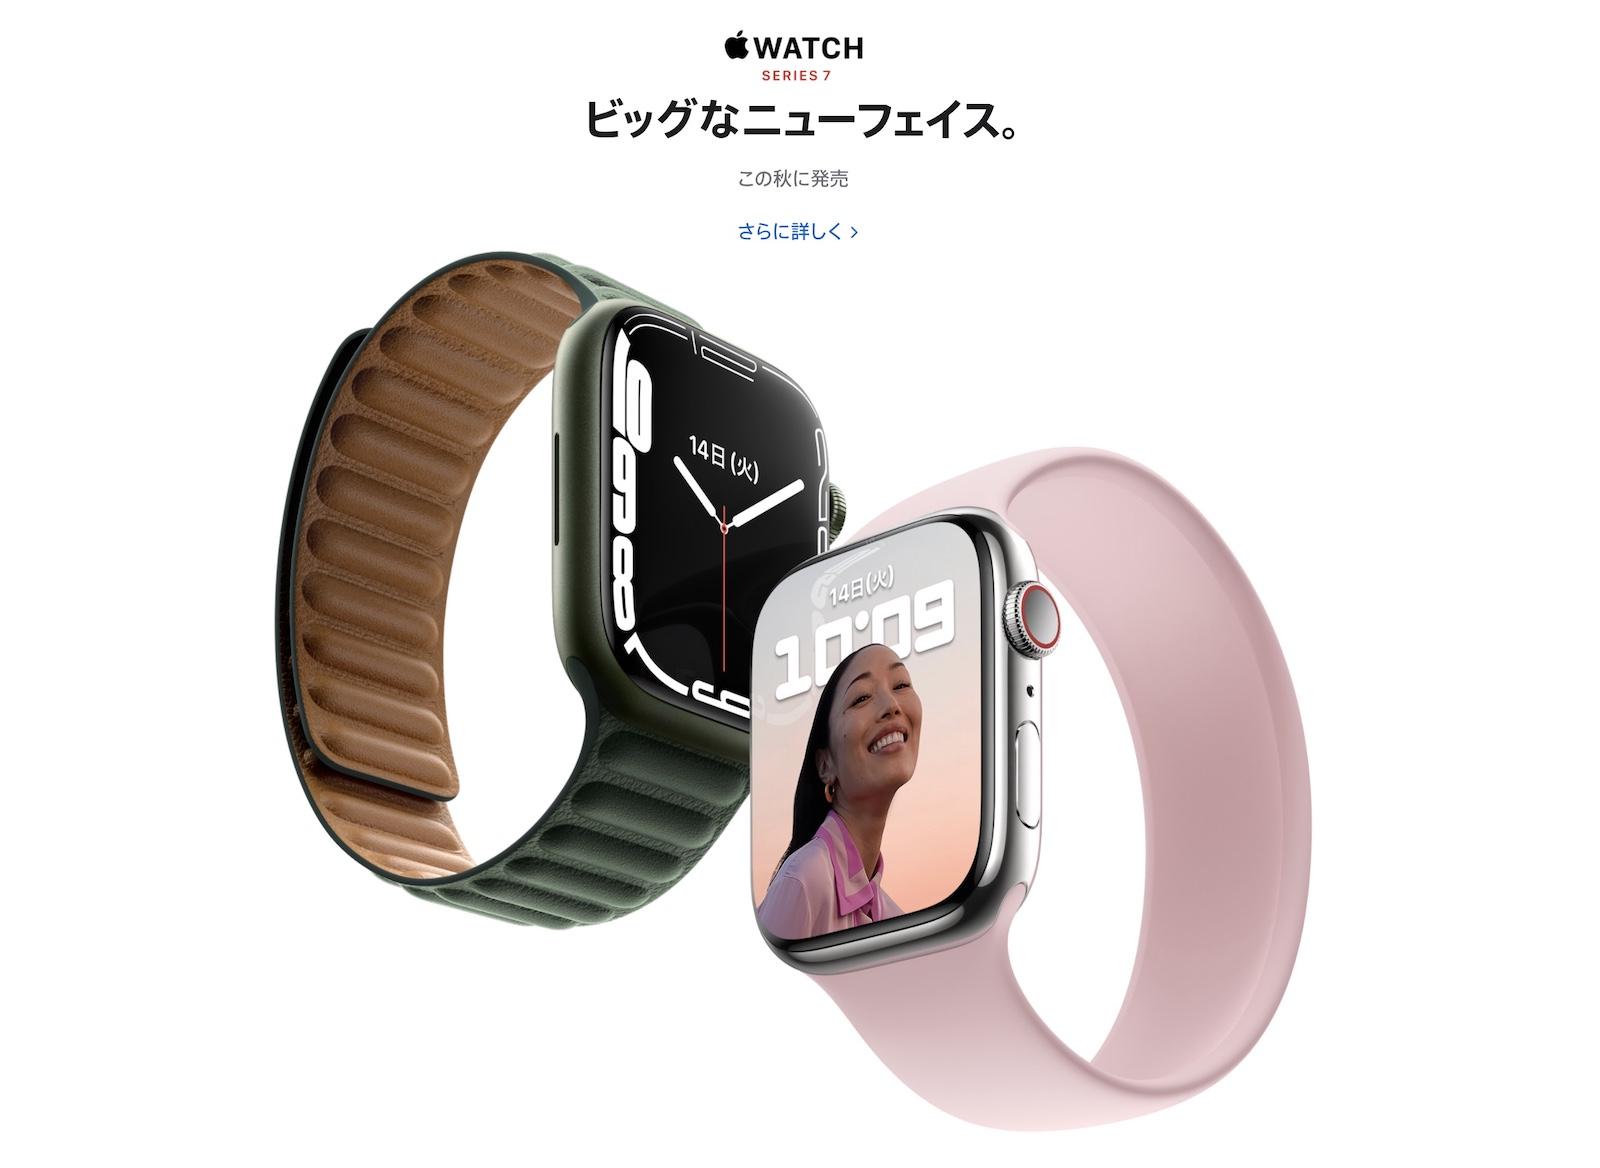 Apple Watch Series 7 coming soon